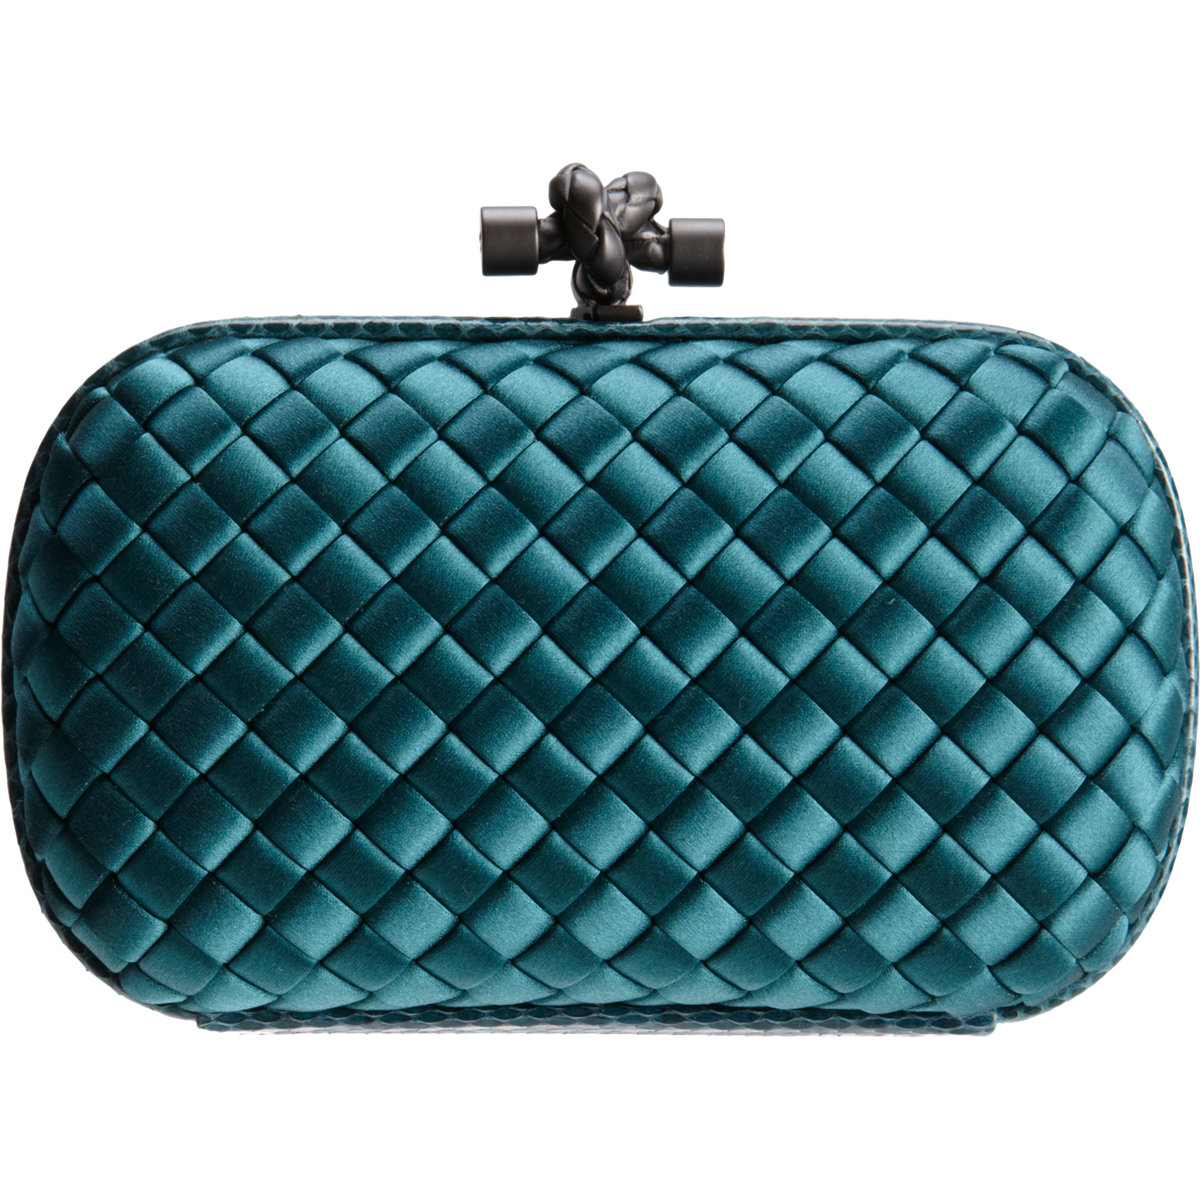 ab65470194 Bottega Veneta Knot Intrecciato Satinsnakeskin Clutch in Blue - Lyst